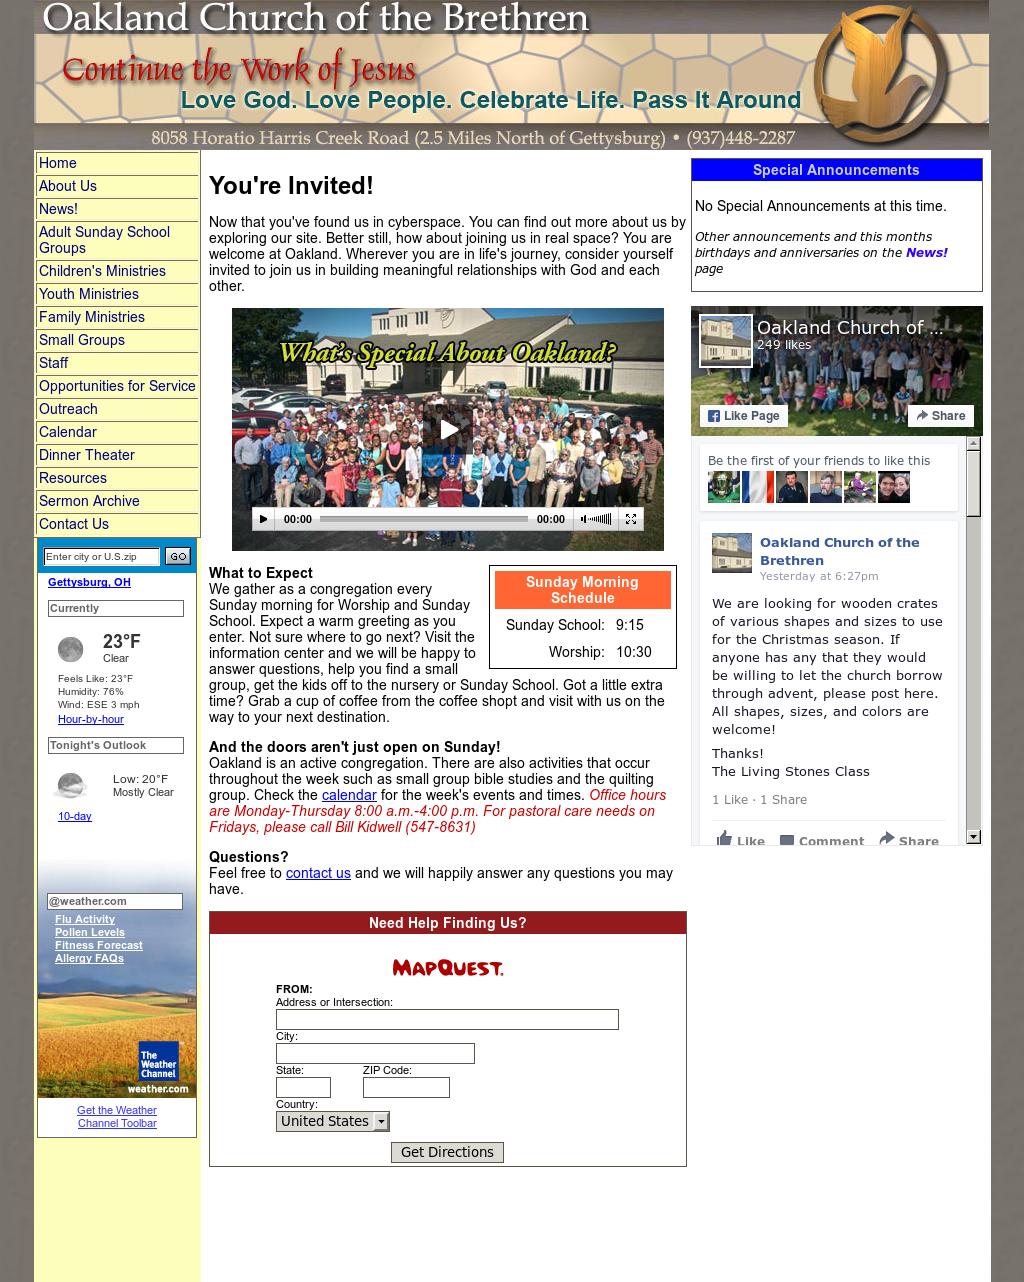 Oakland Church Of The Brethren Competitors, Revenue and